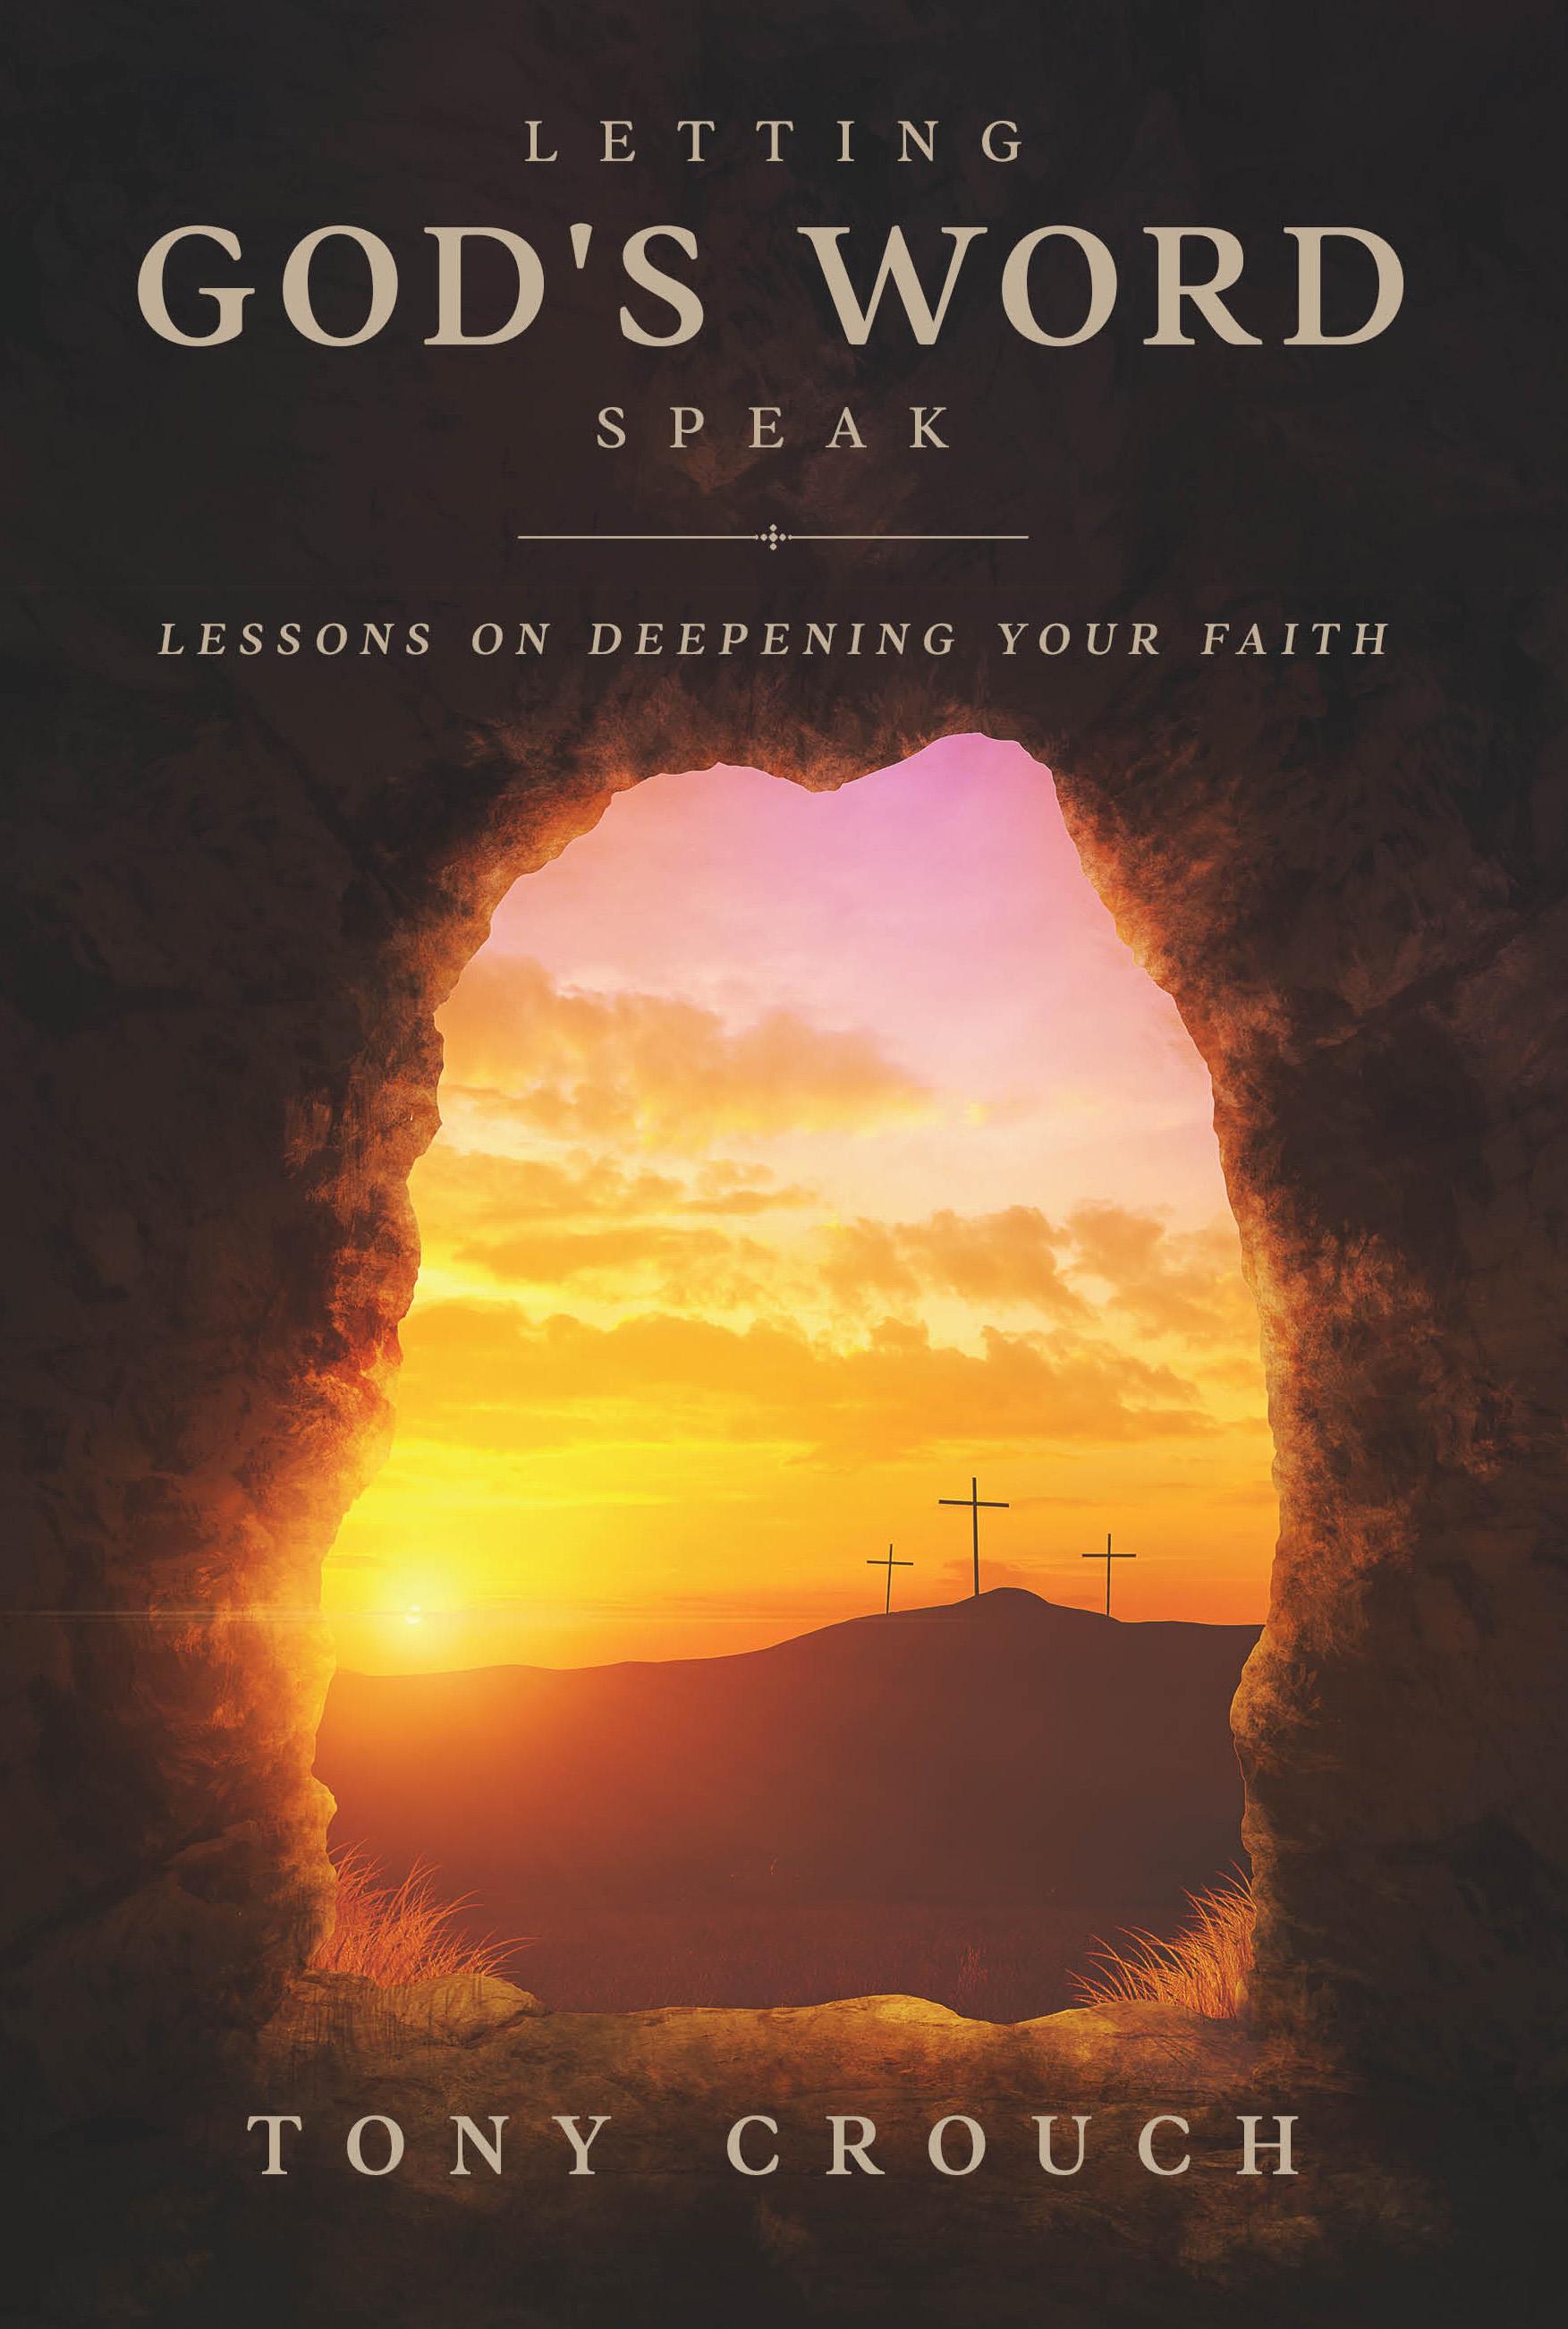 Letting God's Word Speak